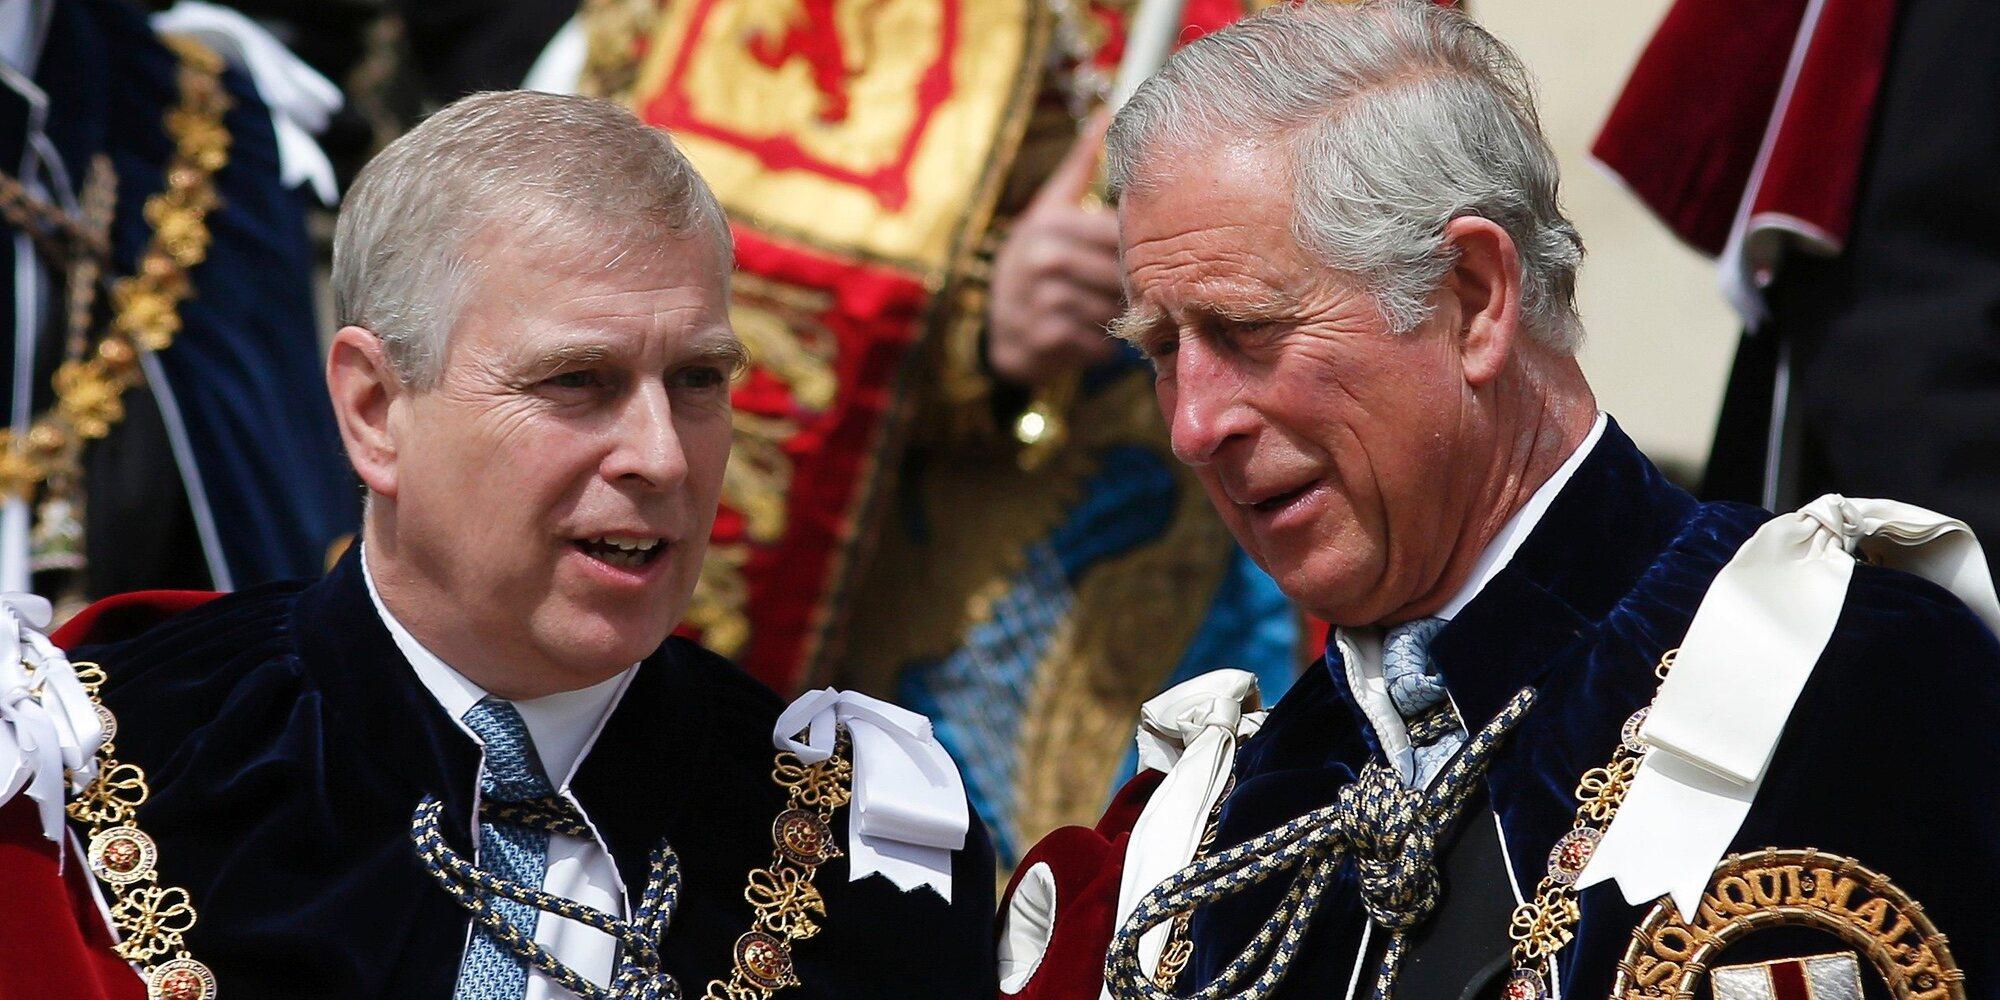 El temor del Príncipe Carlos por el Príncipe Andrés tras la demanda de Virginia Giuffre